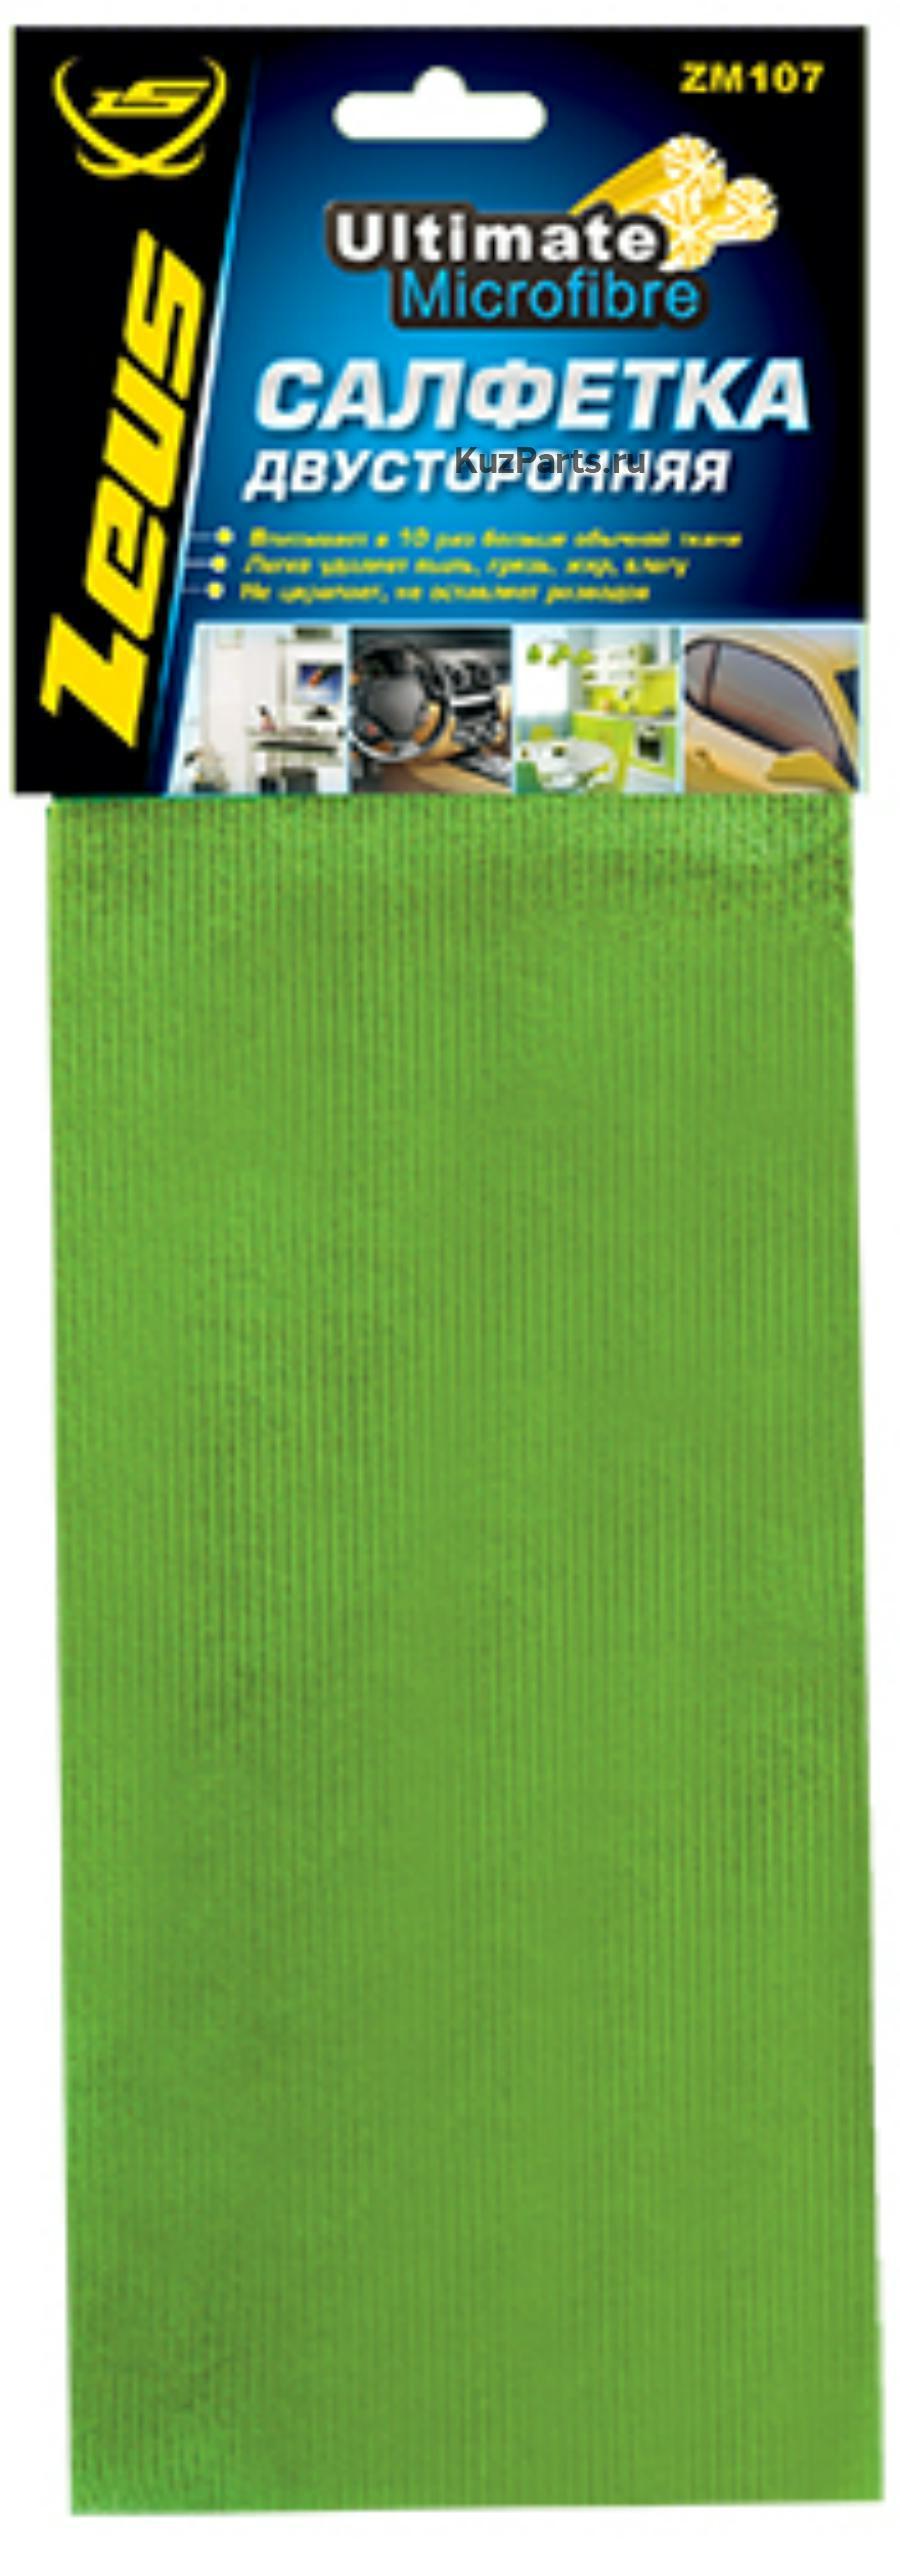 Салфетка из микрофибры 50x70 см